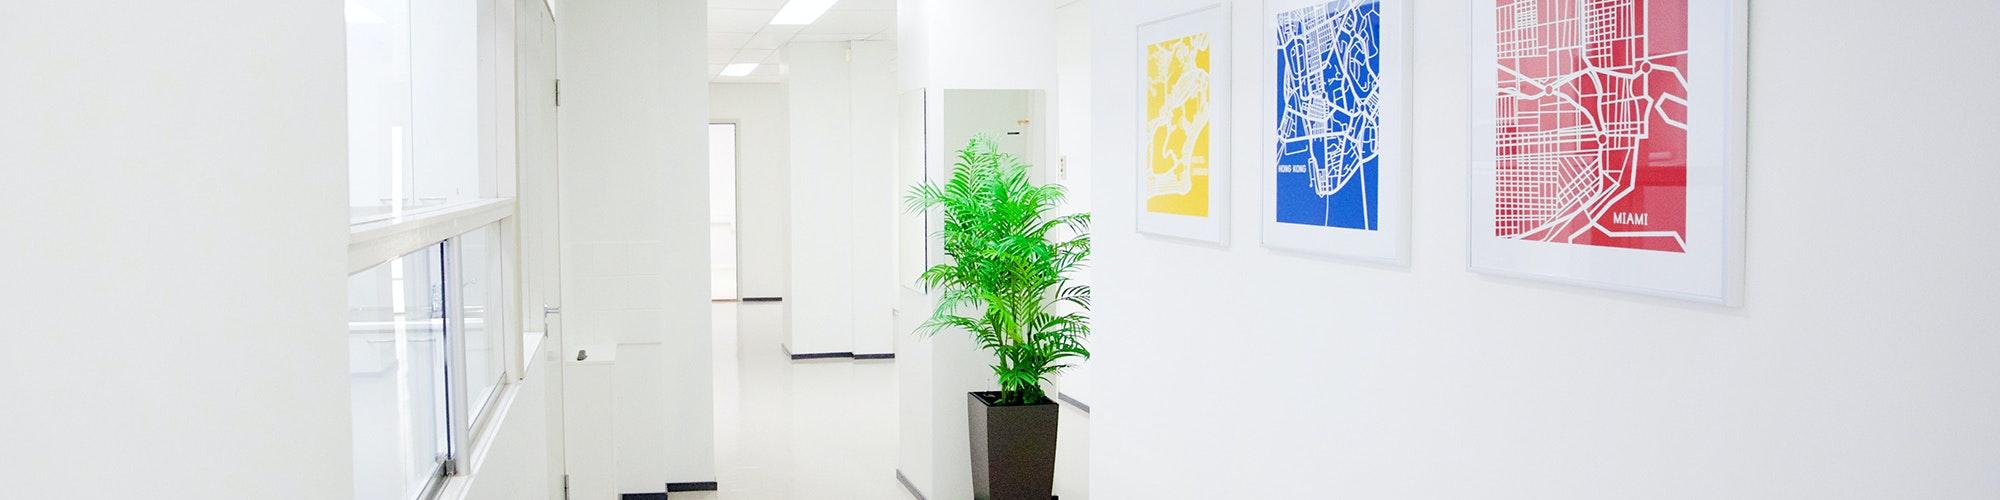 Kuvassa toimistohotellin käytävä